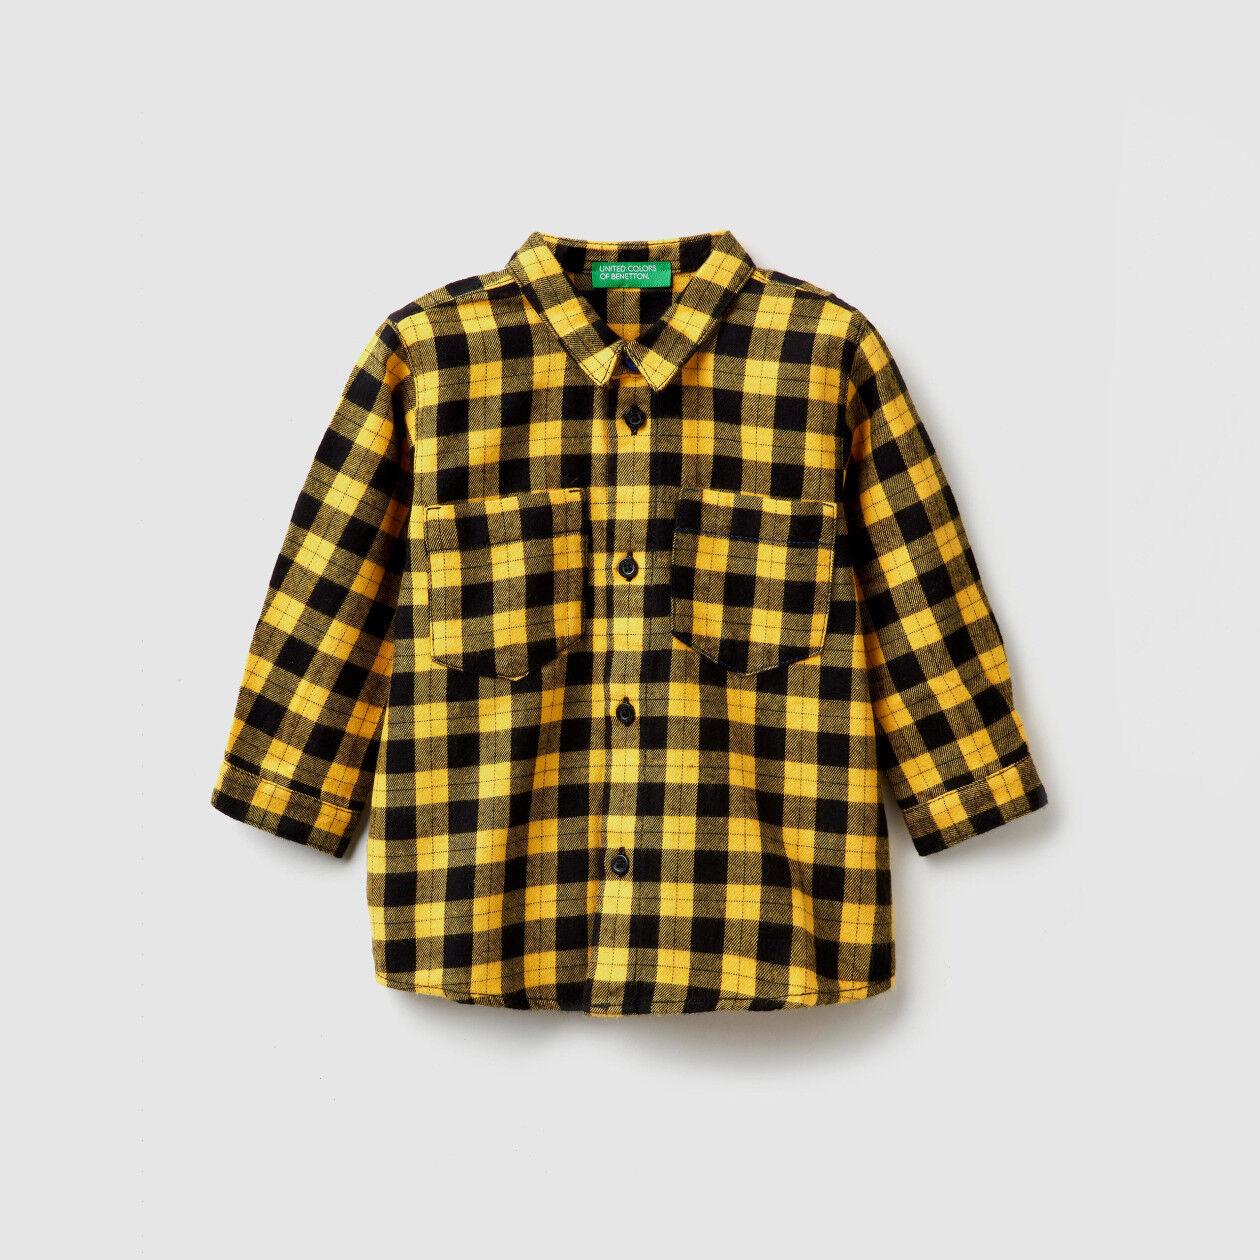 Camisa aos quadrados com estampa atrás